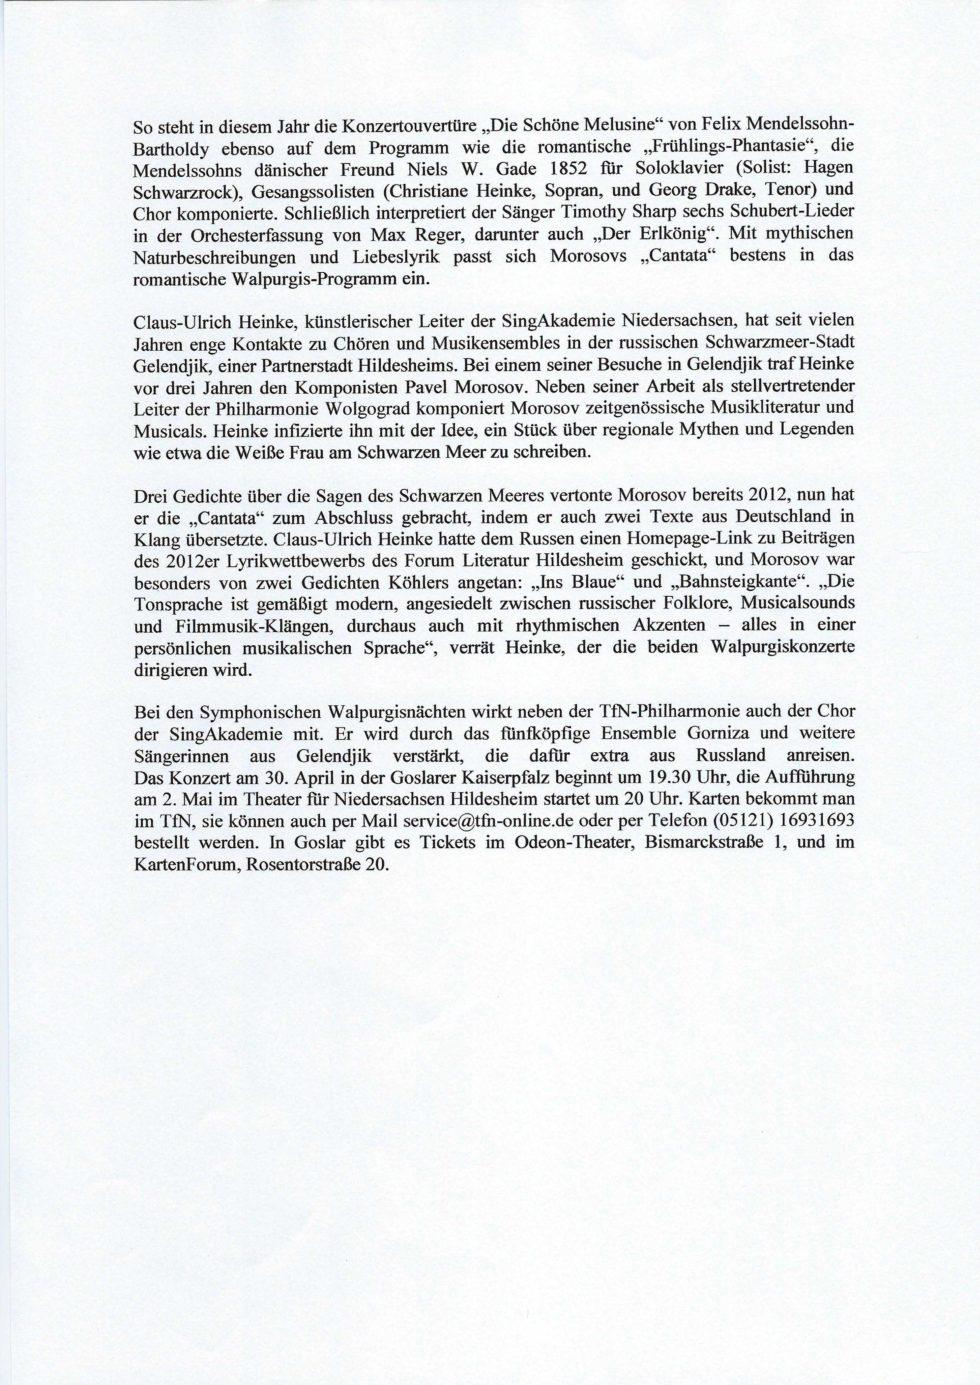 2014 Bistums Jubiläum, LeseZeichen, Morosov Vertonung_Seite_11